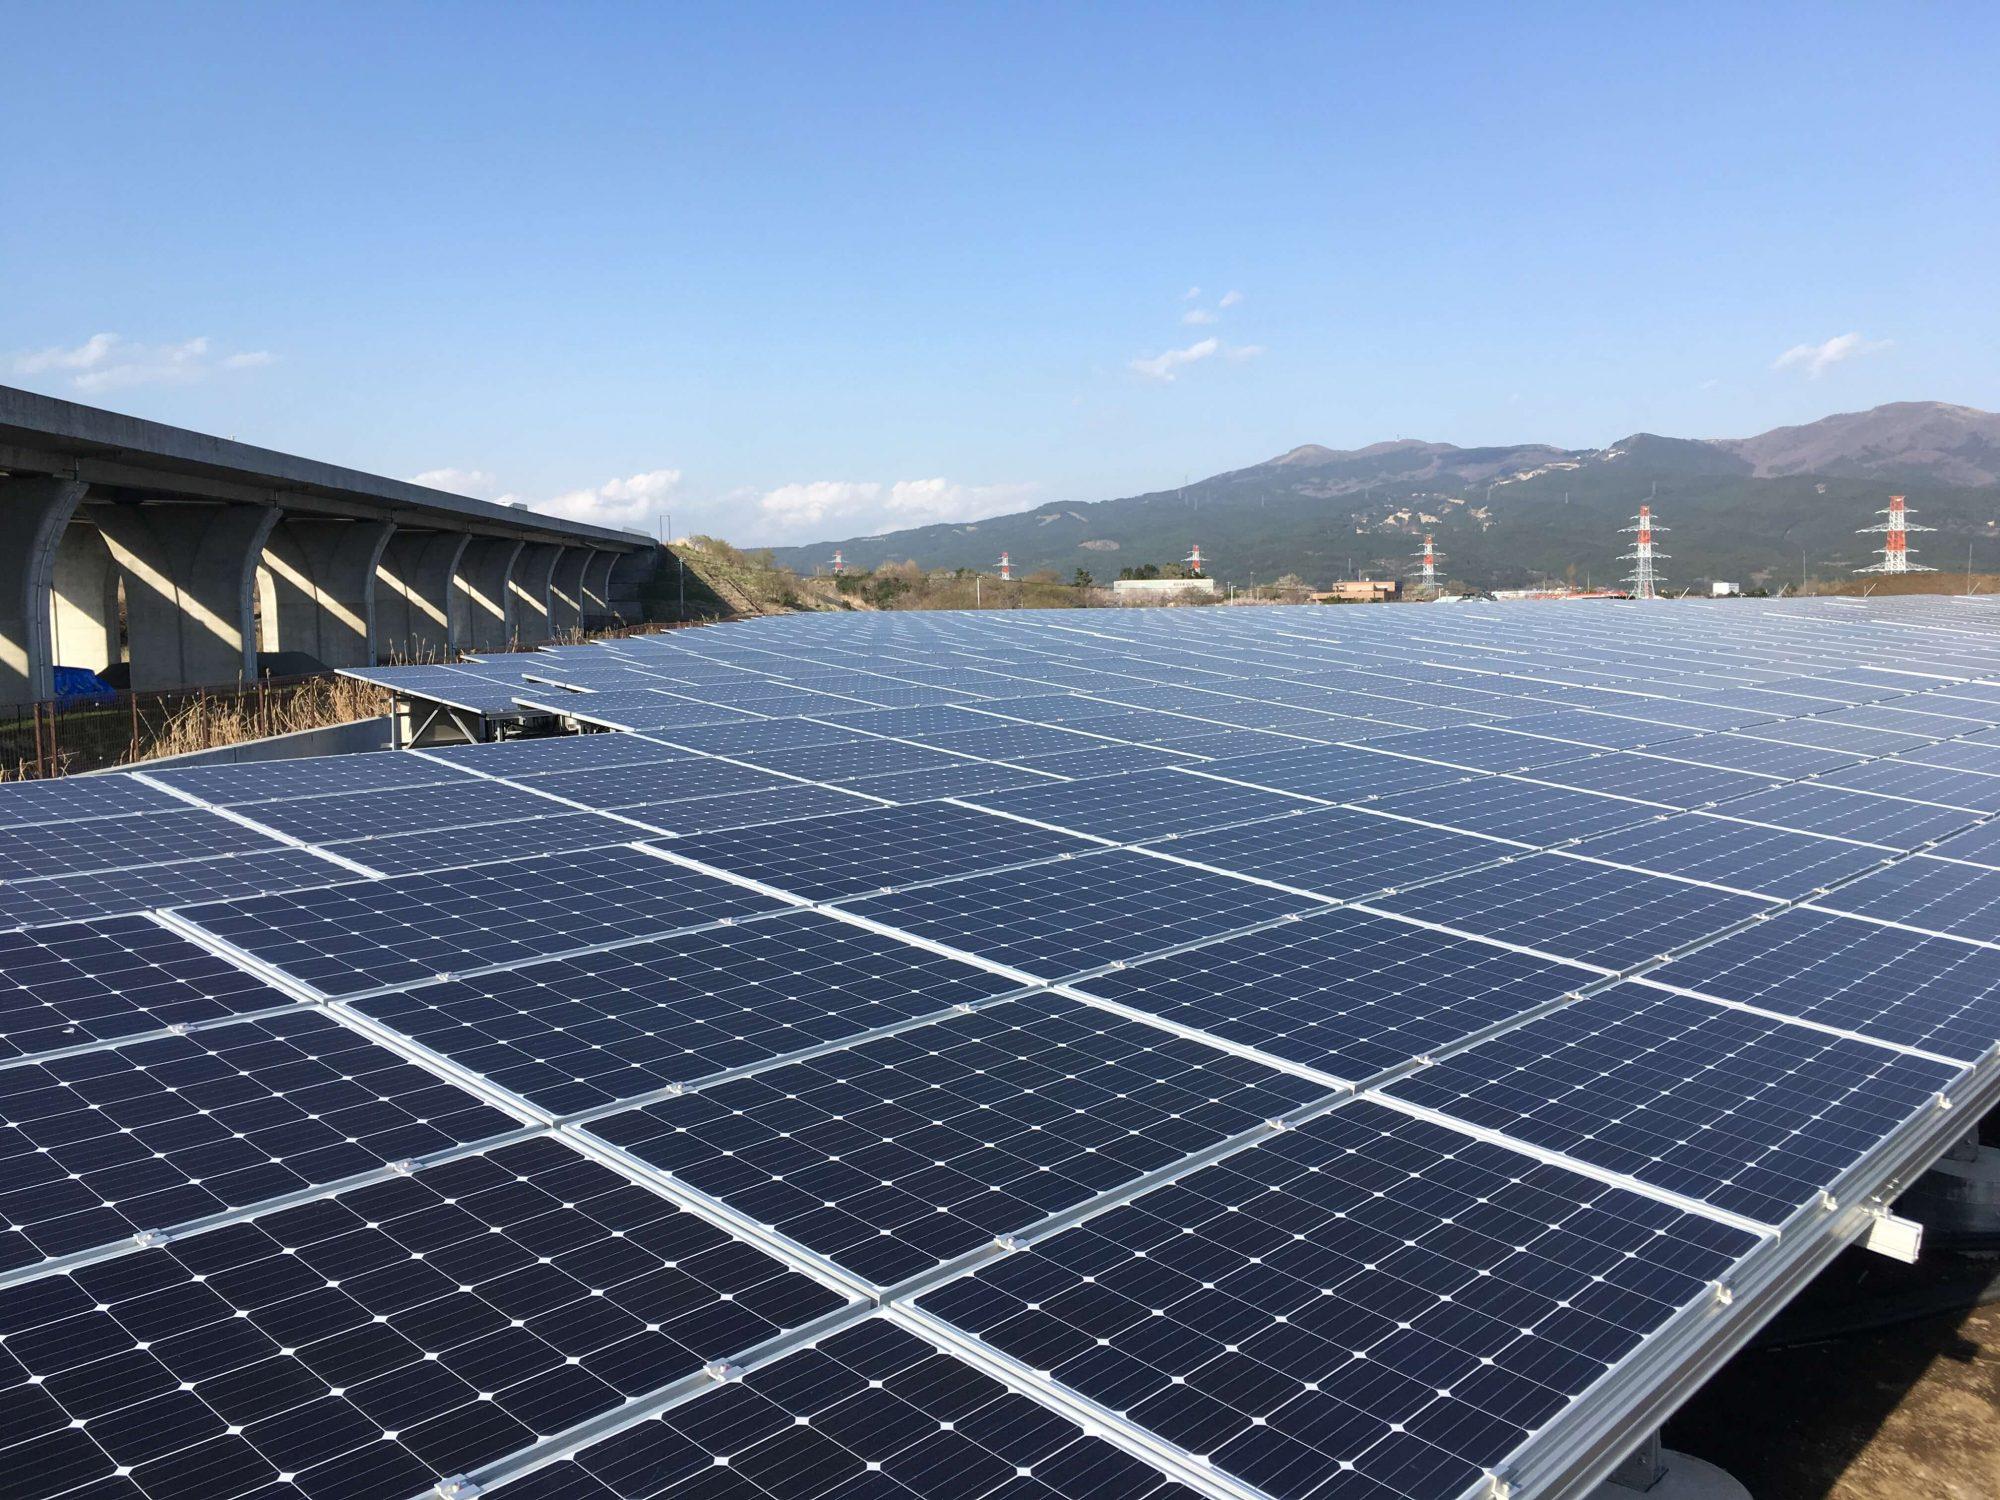 静岡県御殿場A太陽光発電所